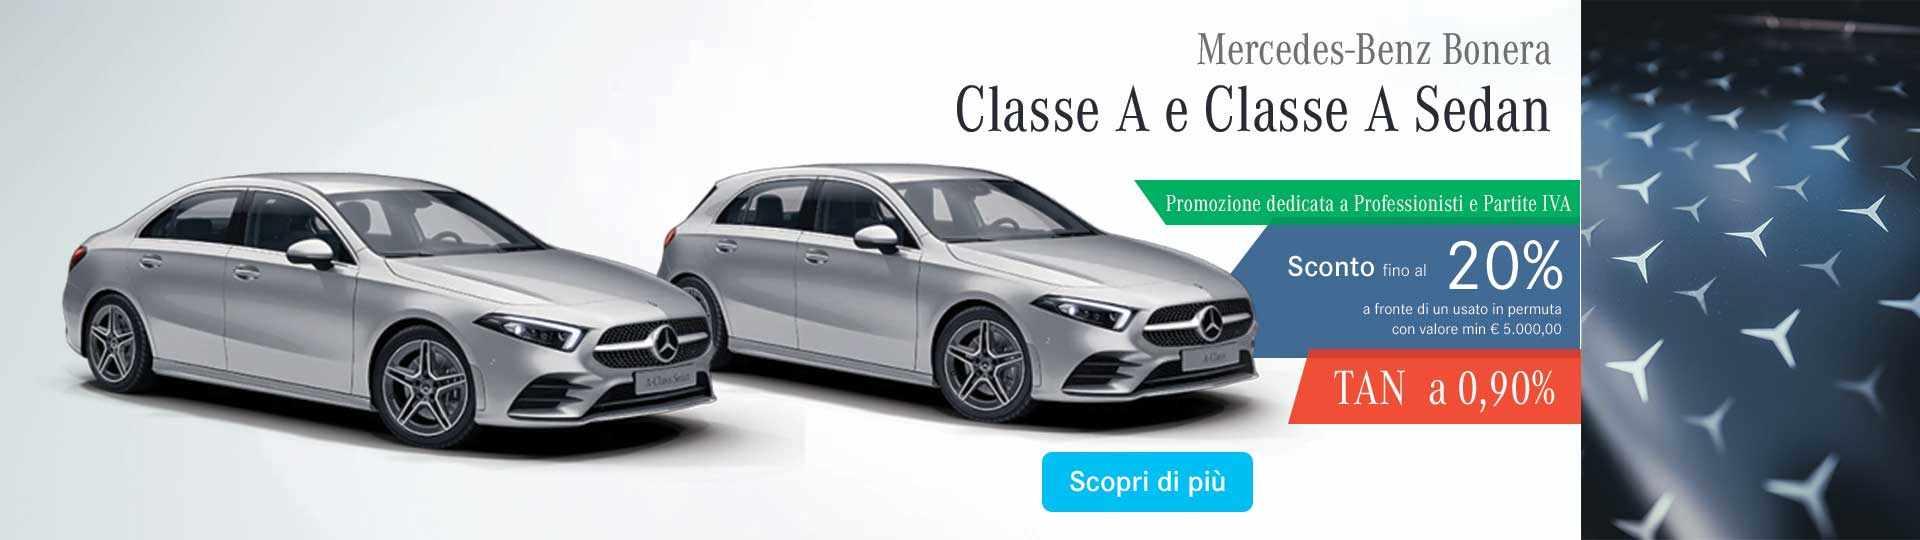 header_gamma_classe_a_mercedes_giugno_2020.jpg